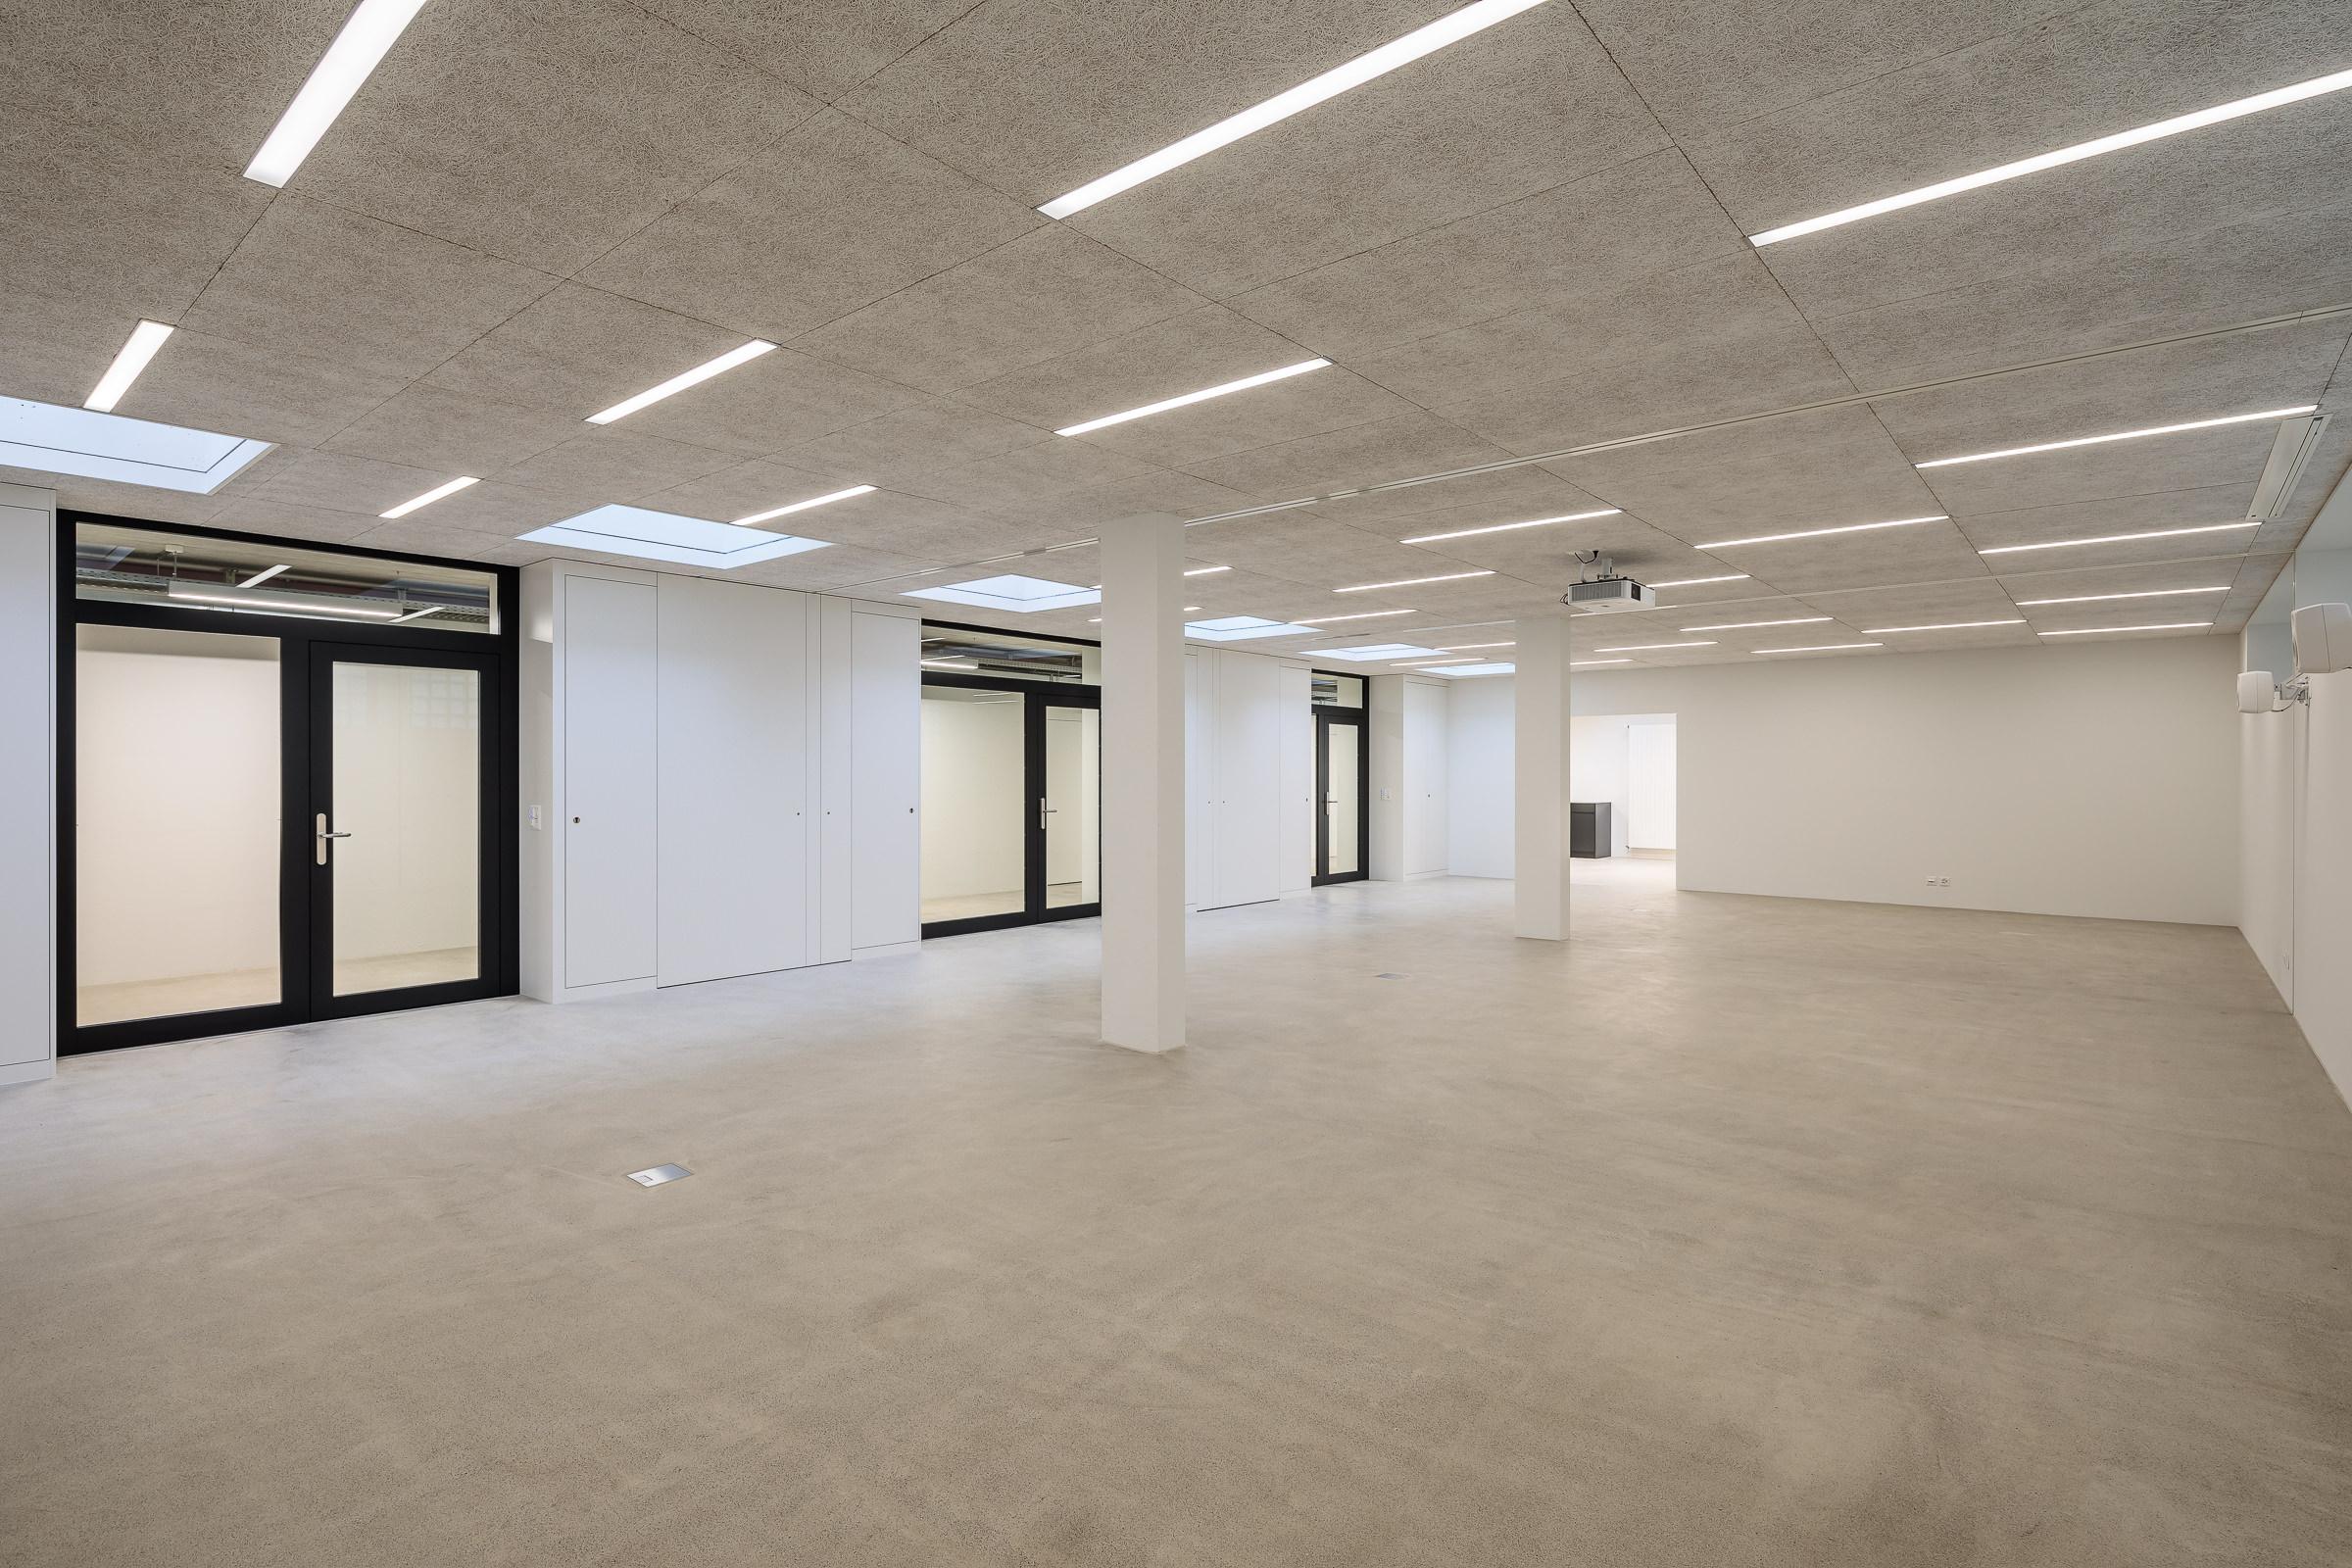 buan-architekten-umbau büroräume unterlachenstrasse ig arbeit-luzern-grossraum